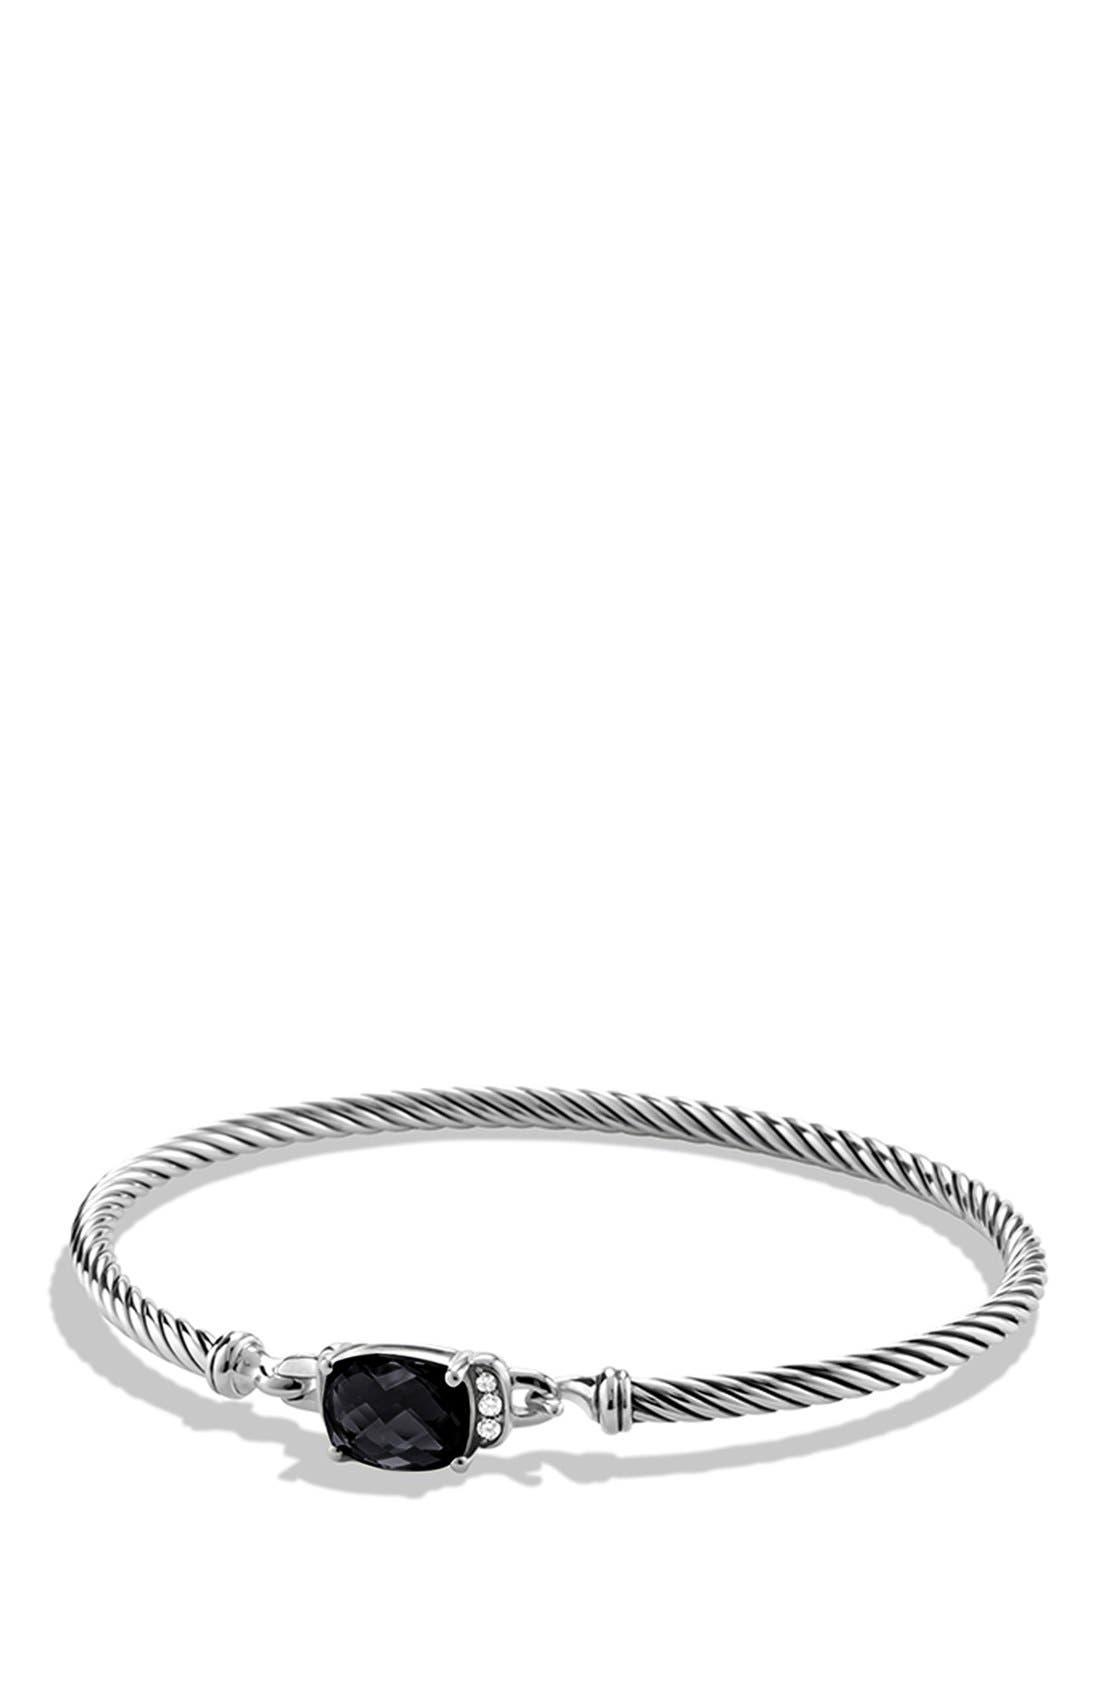 'Petite Wheaton' Bracelet with Semiprecious Stone & Diamonds,                         Main,                         color, Black Onyx